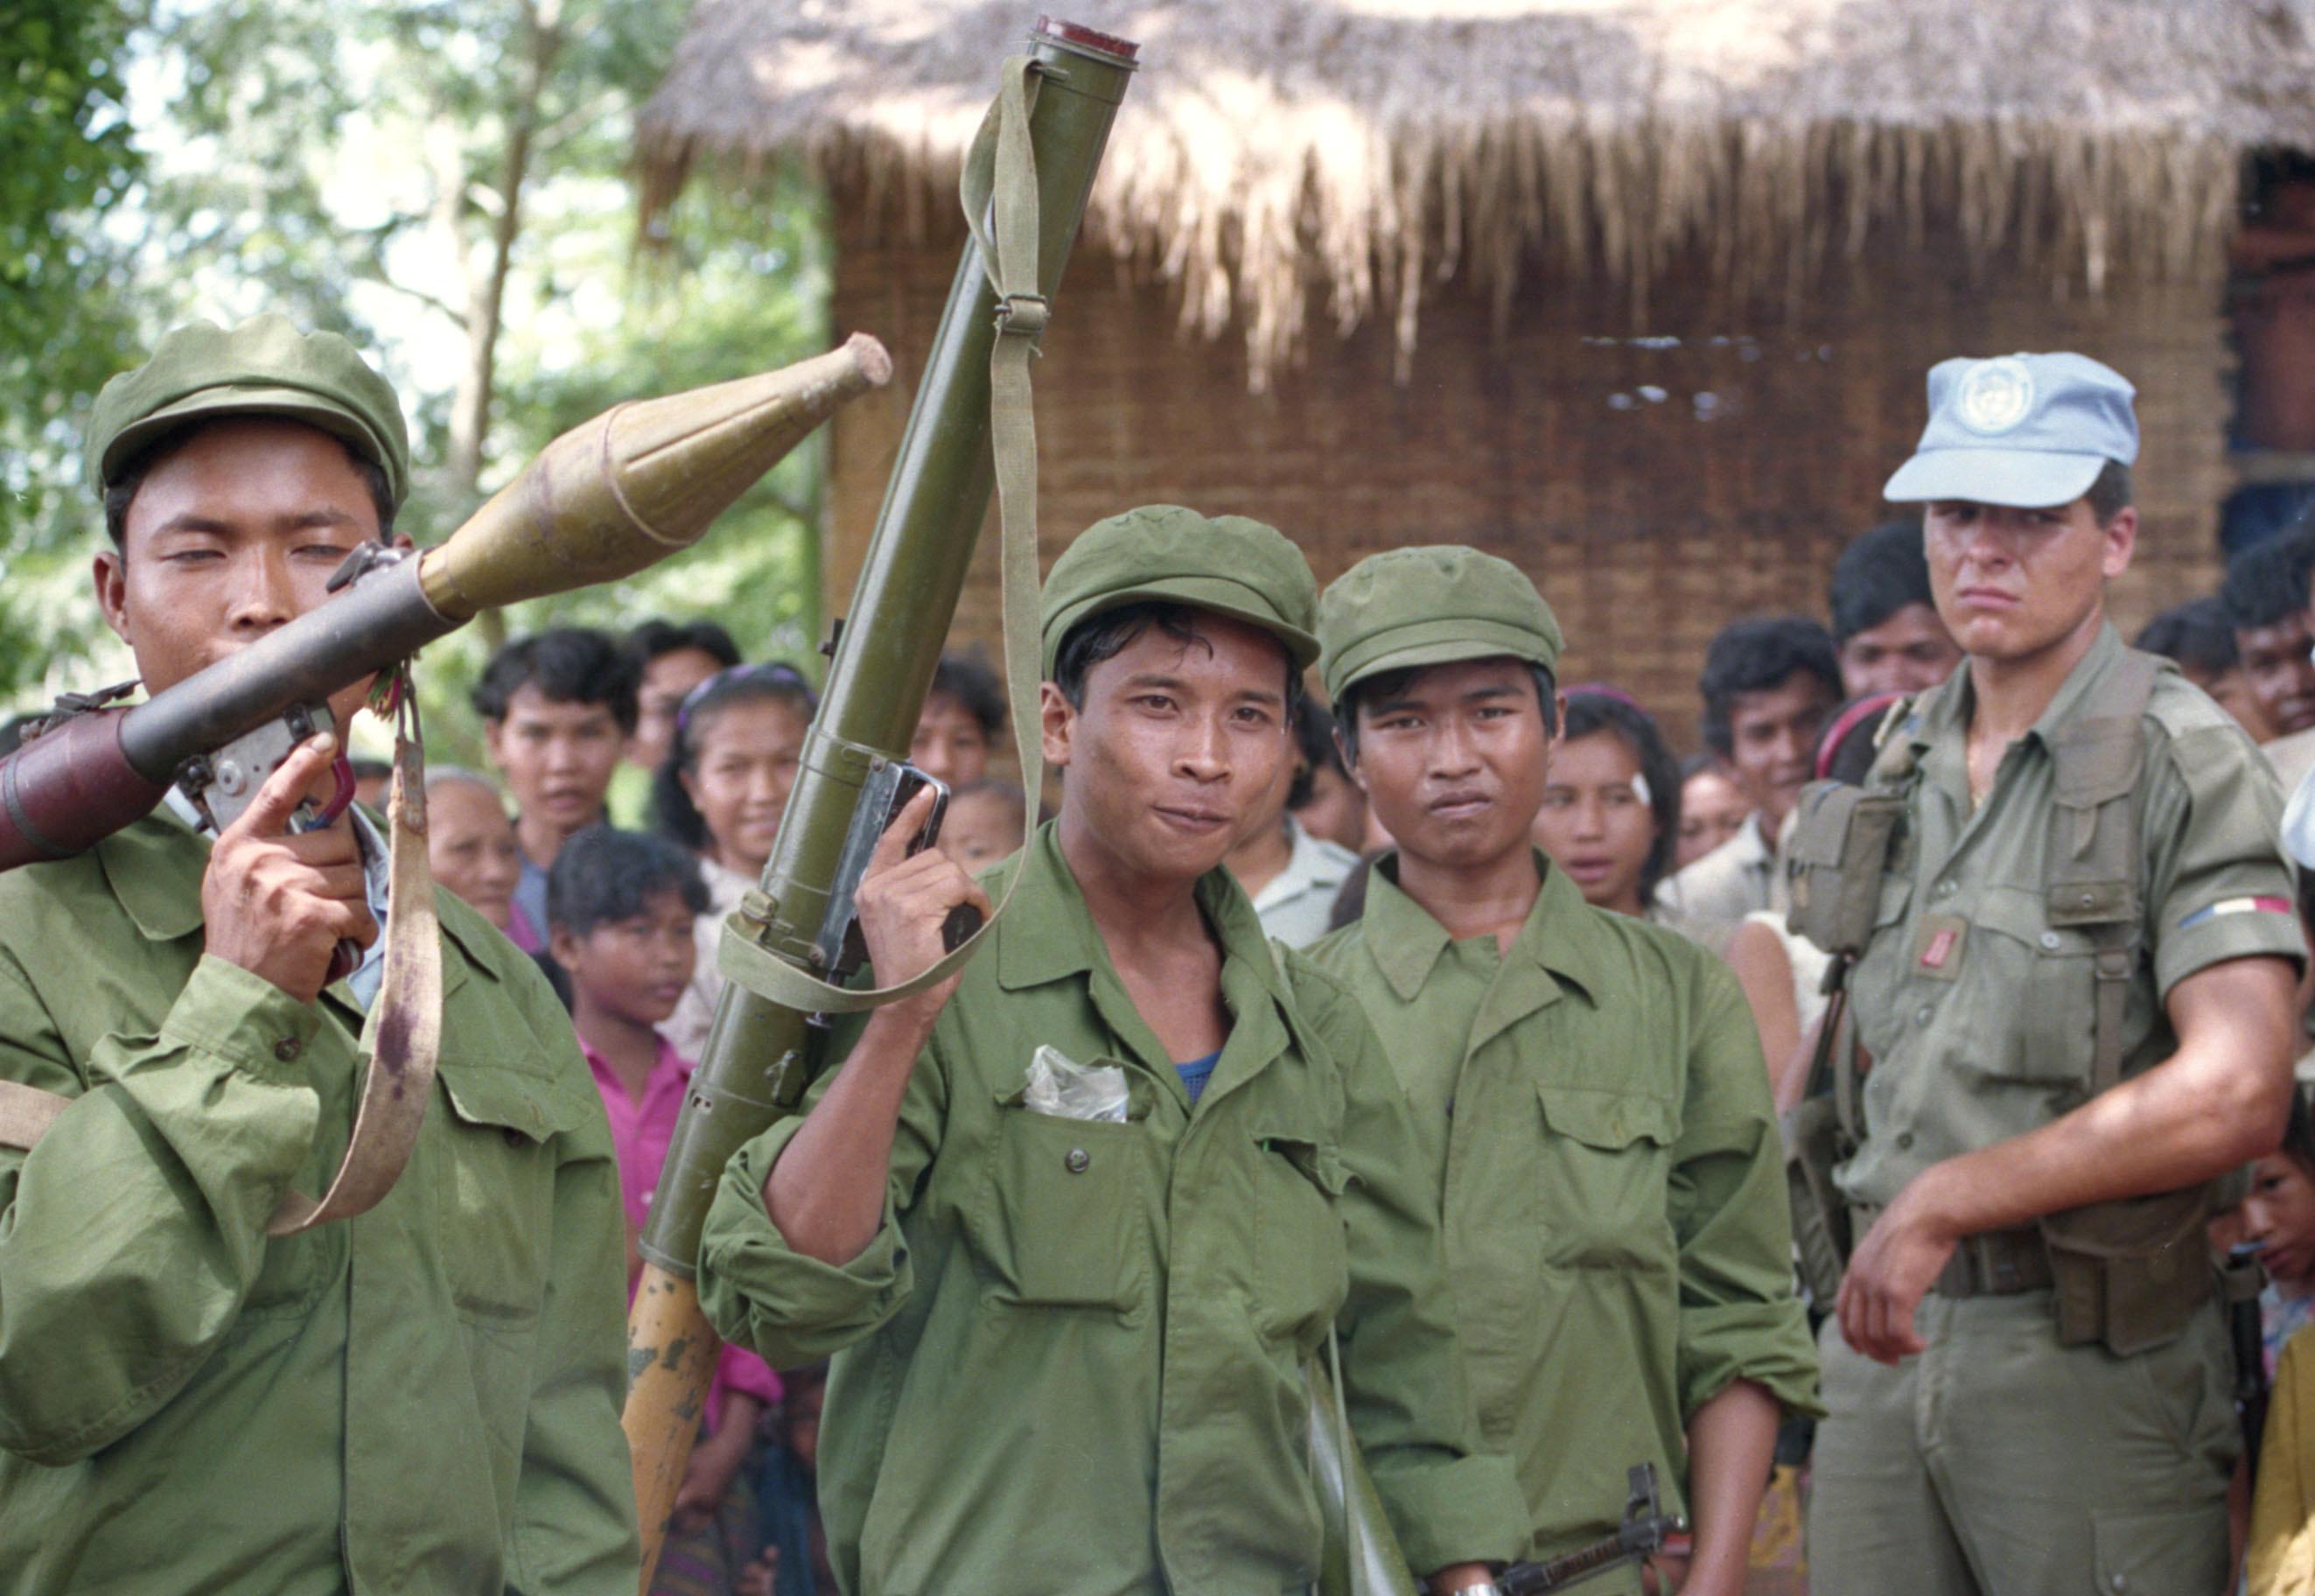 1992年10月、PKO要員の兵士(右端)と接触するポル・ポト派の兵士=カンボジアのカンポート近郊(共同)